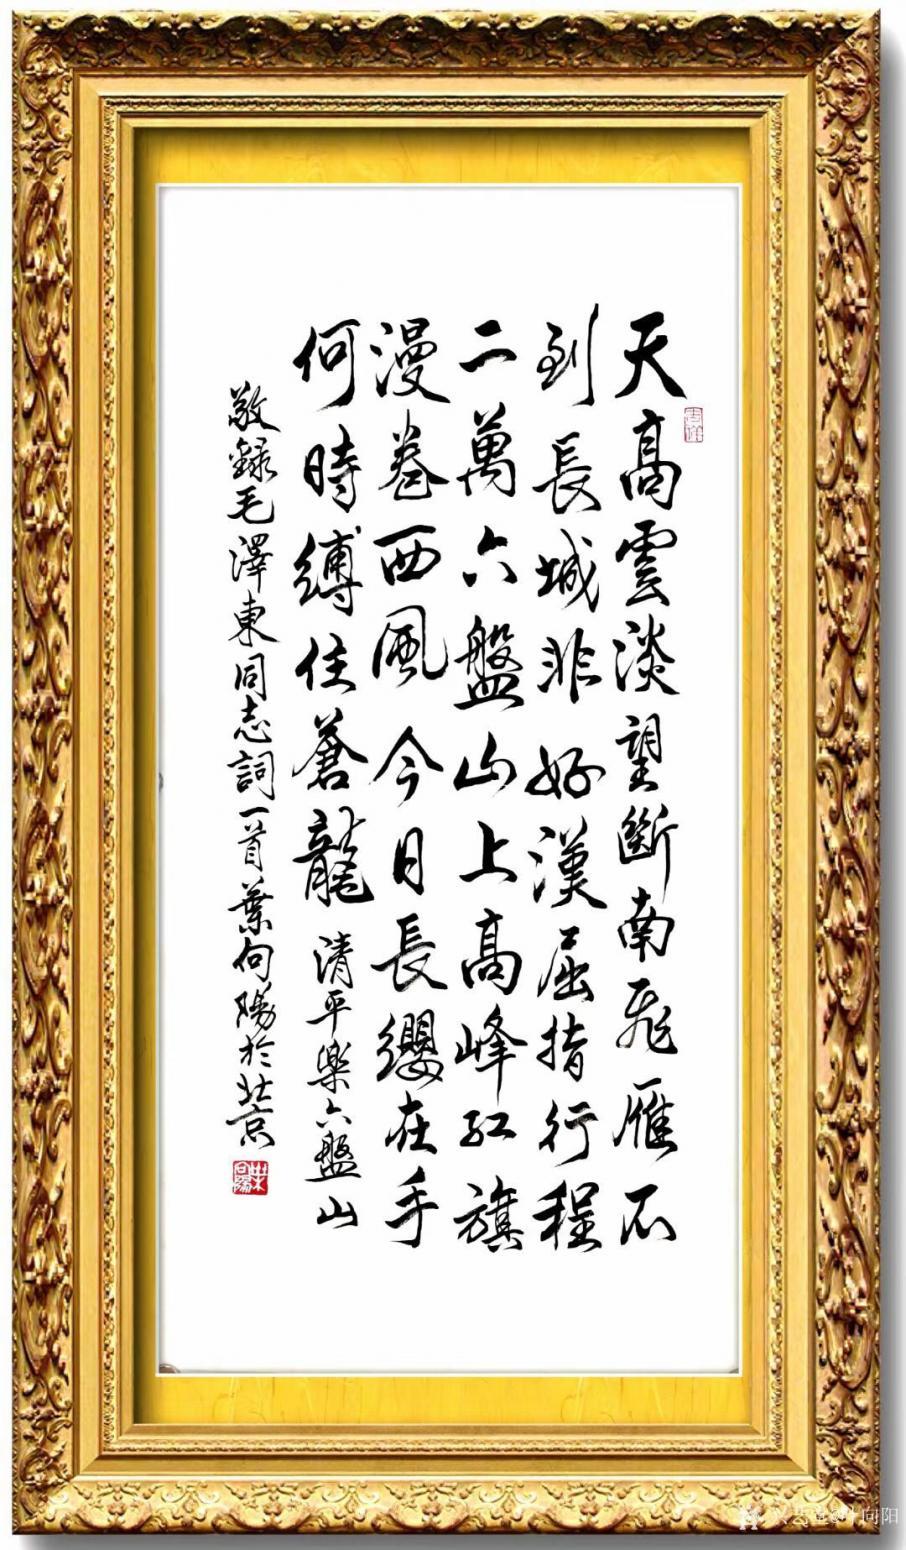 叶向阳书法作品《行书-清平乐六盘山》【图1】